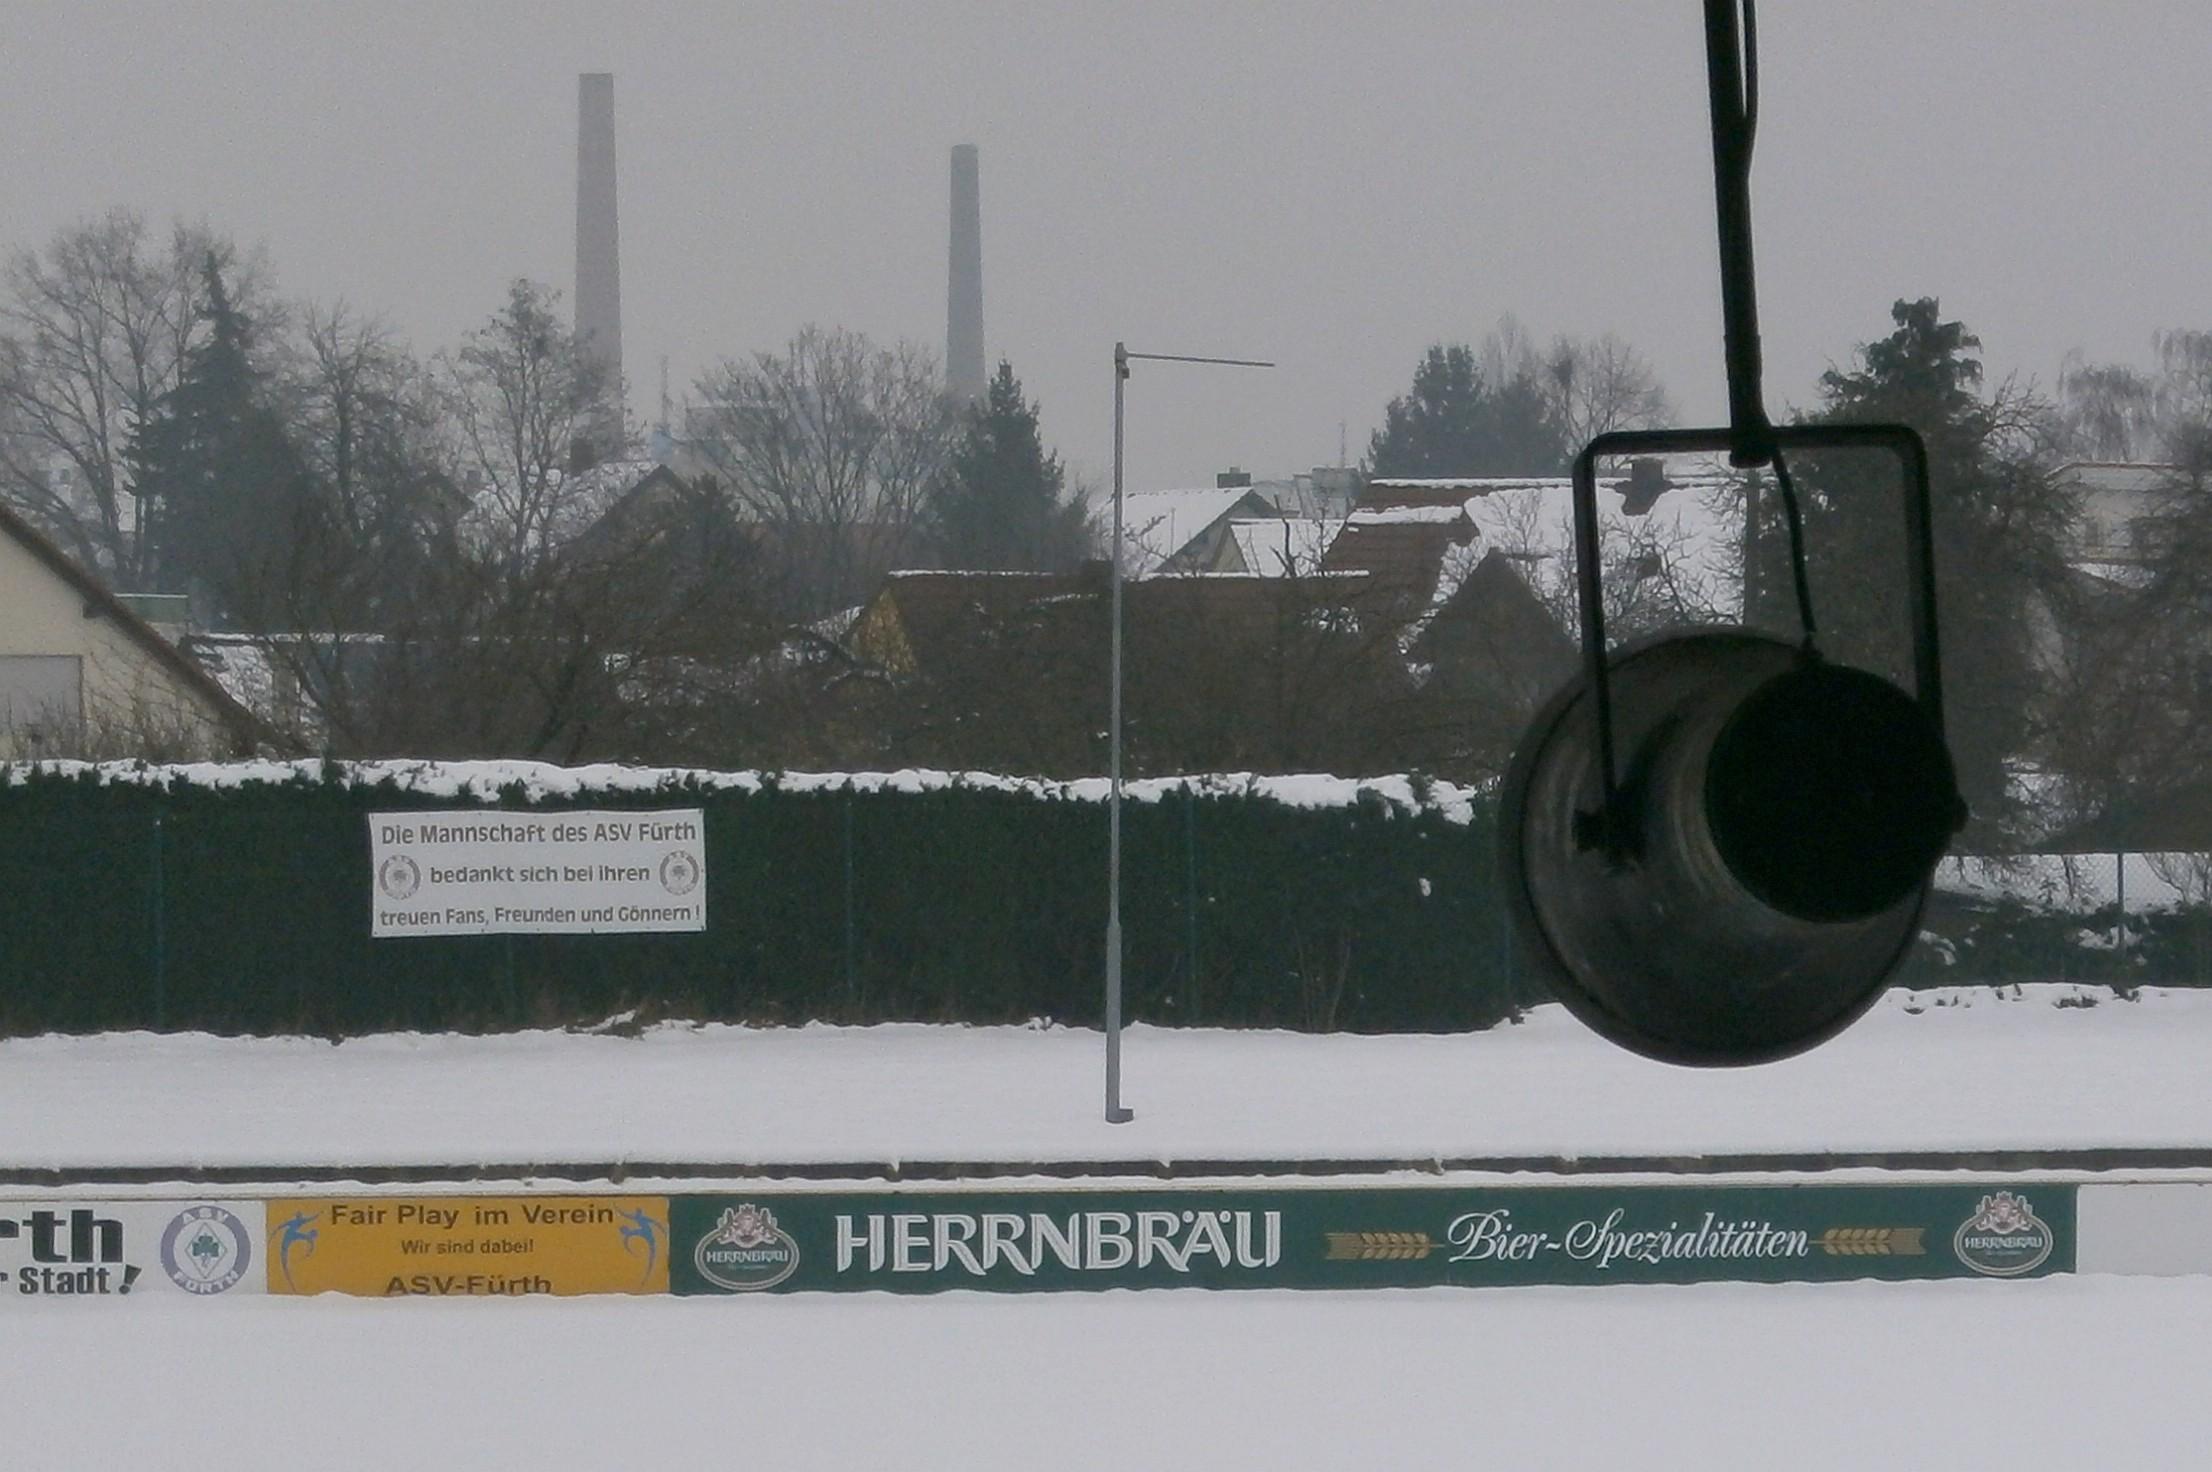 Das Stadion steht in einem Arbeiterviertel